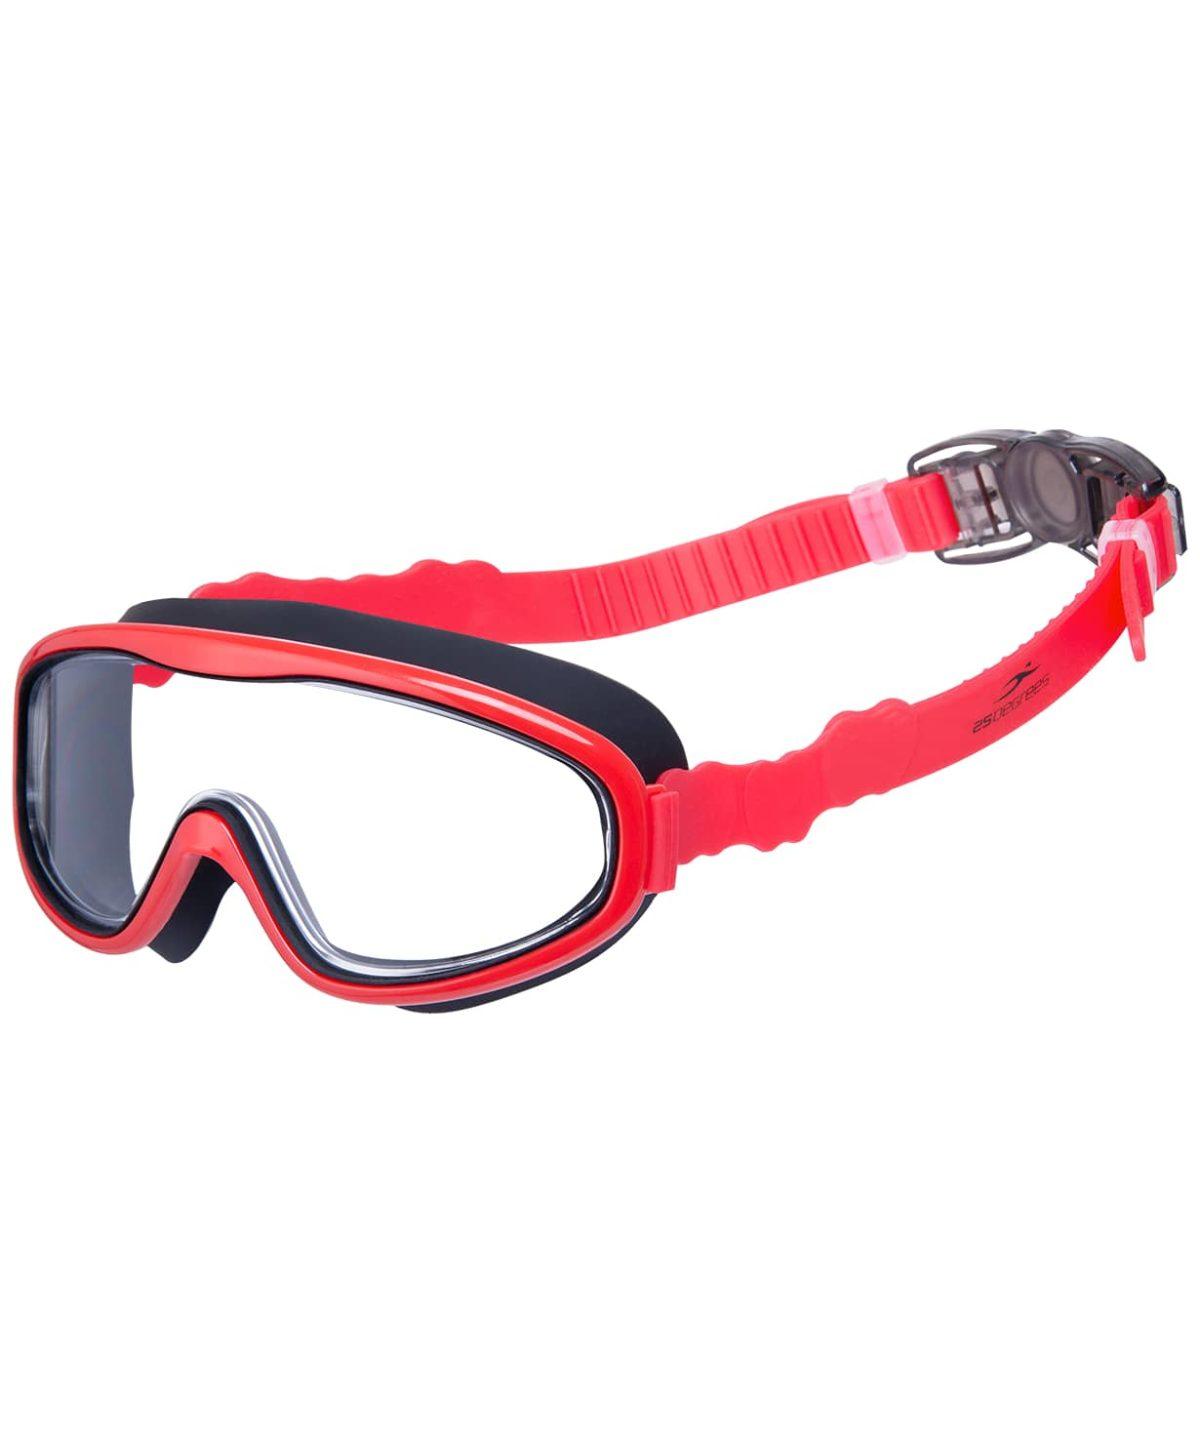 25DEGREES Маска для плавания Epix Red, детская  25D03-EX19-20-31-0 - 1